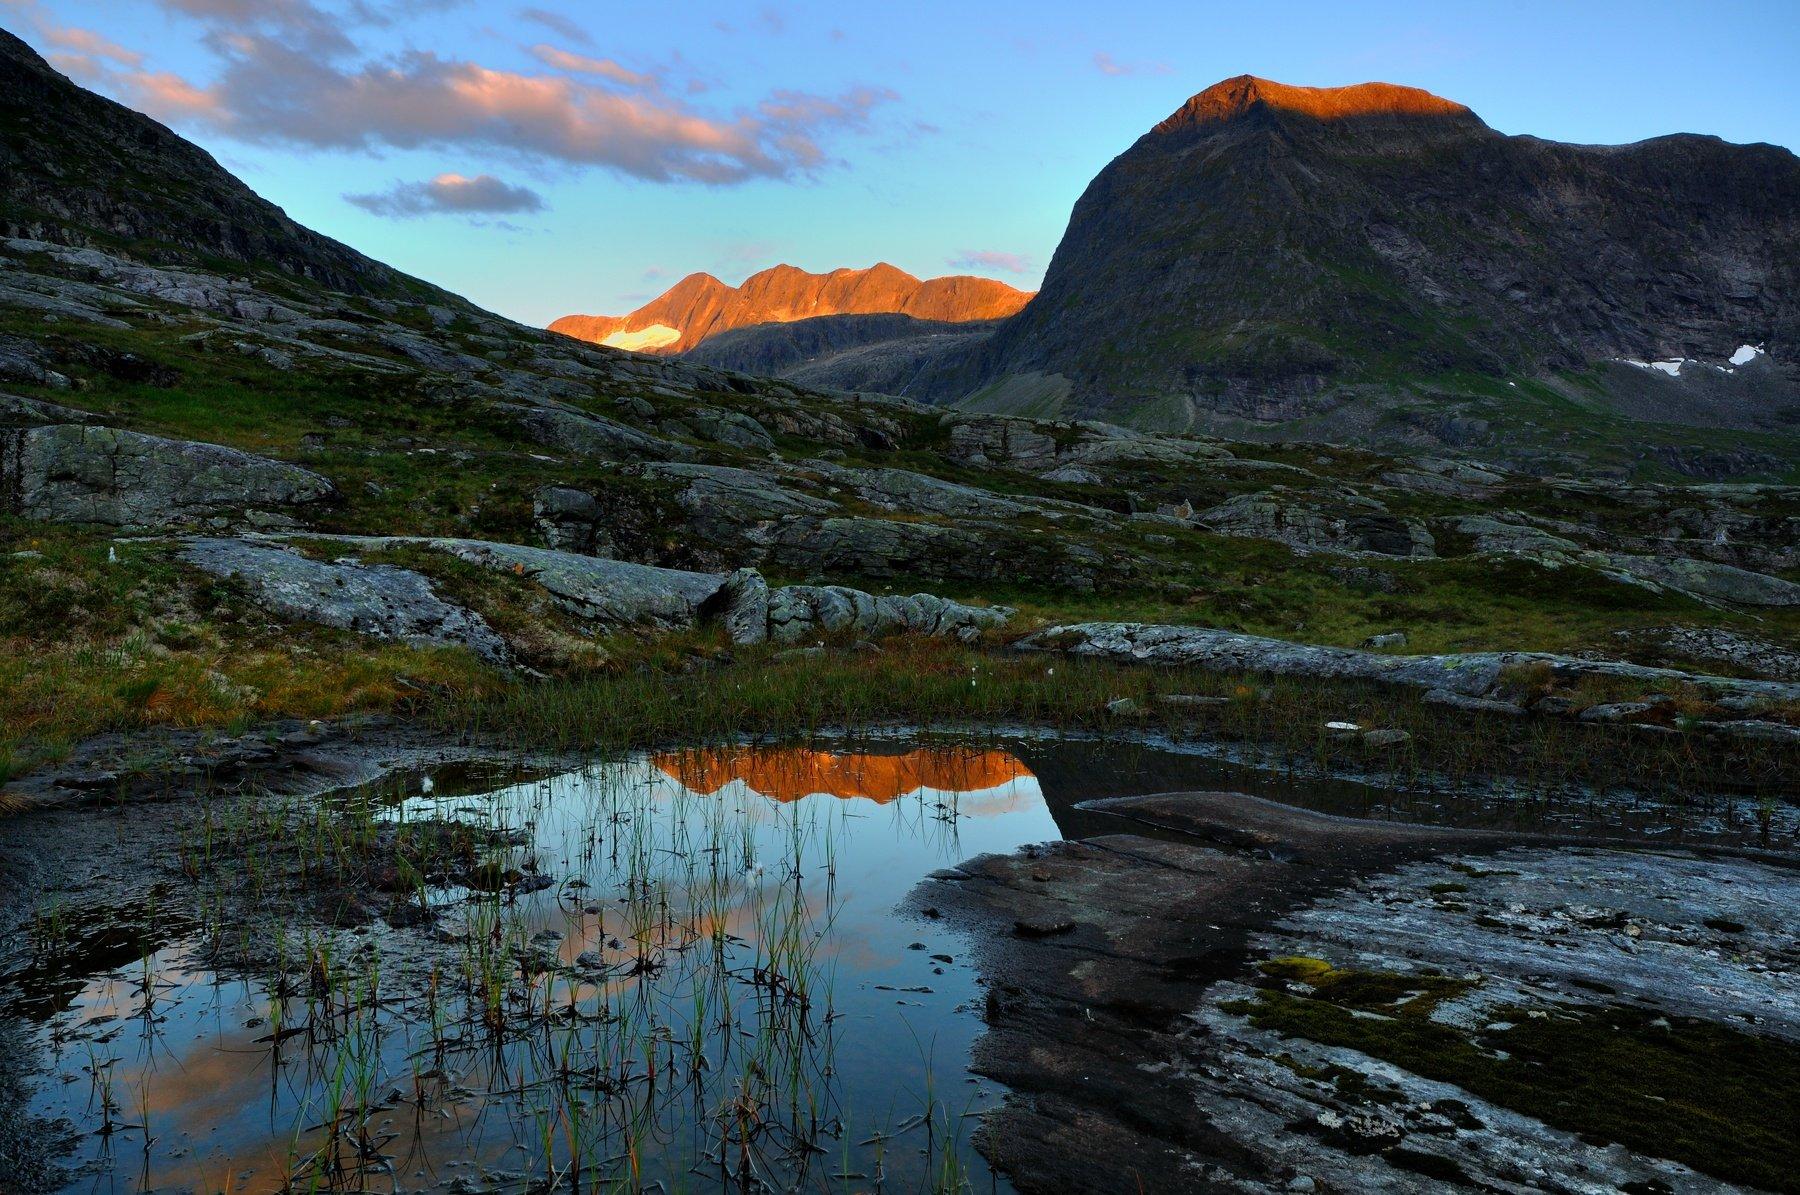 Norway, mirror, reflection, mountain, rock, lake, Jiří Kuchař